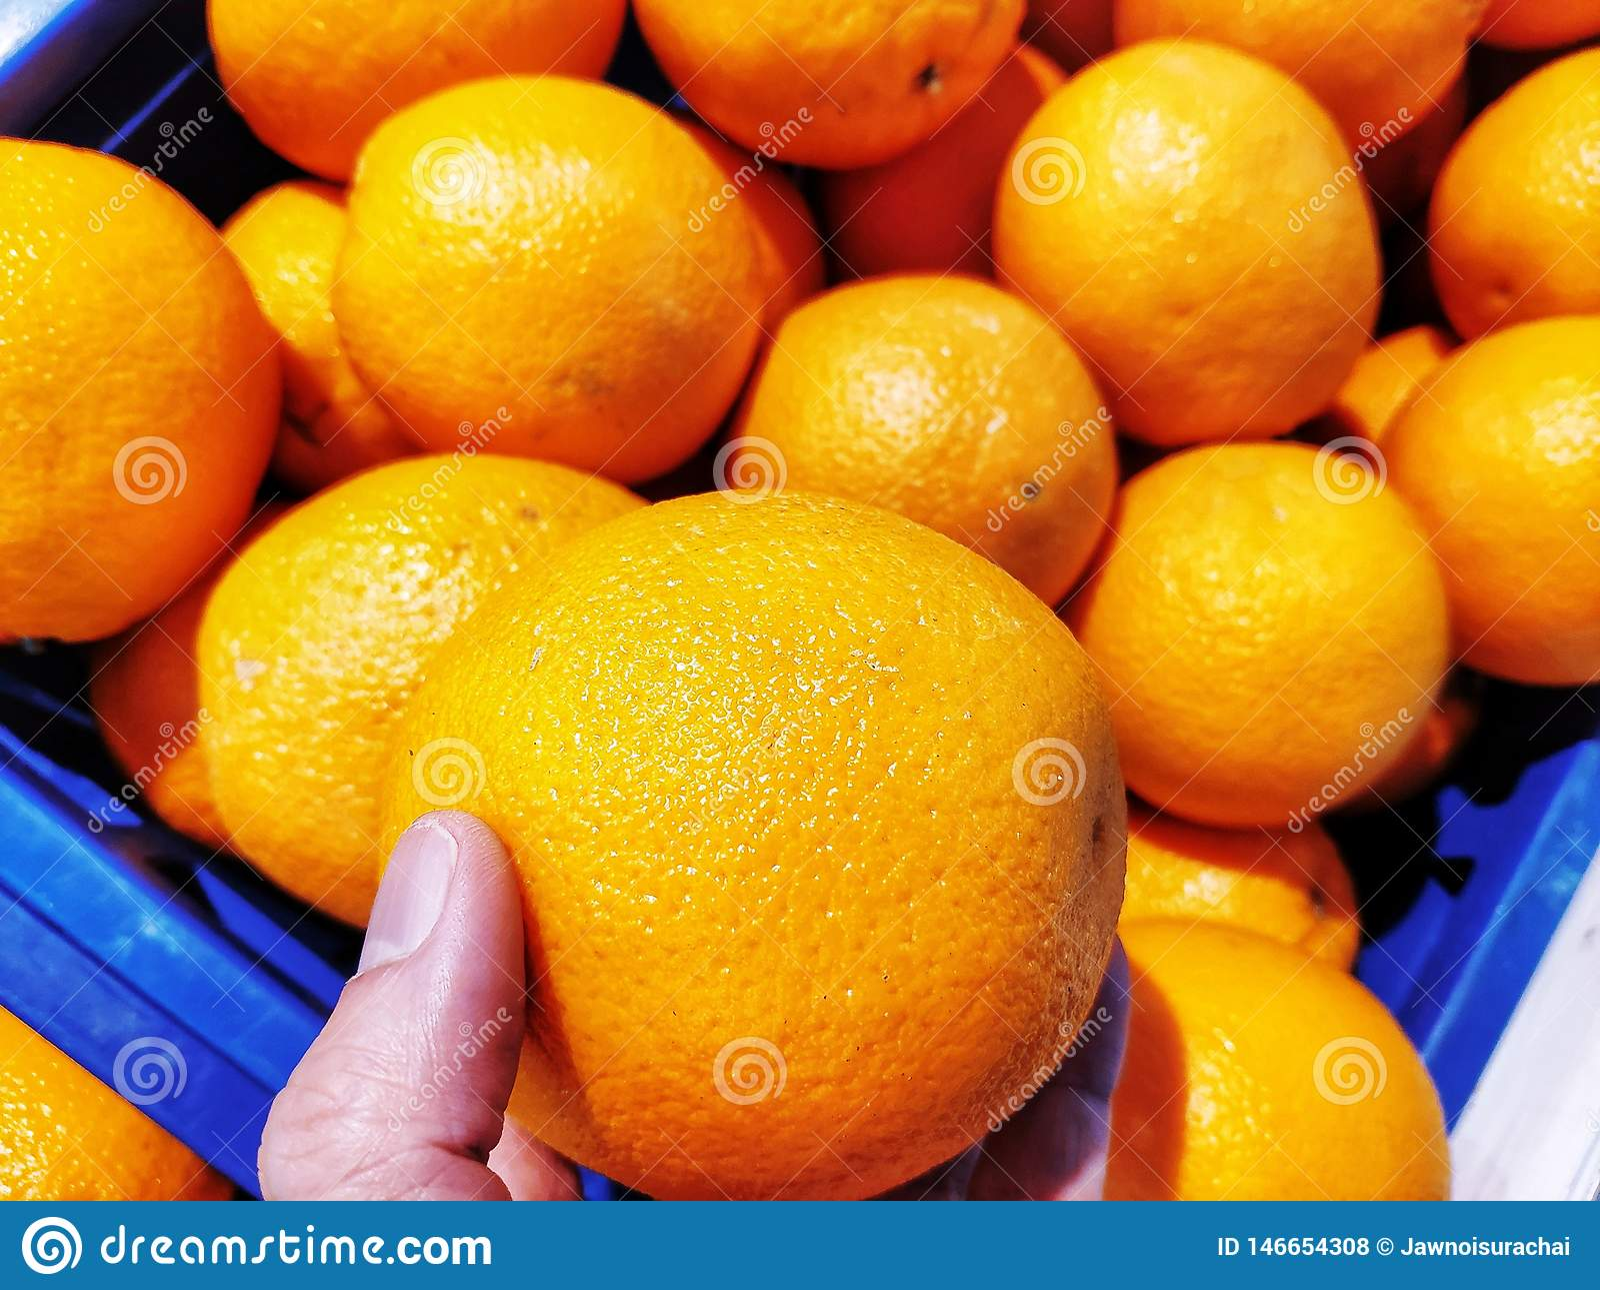 L orange est dans une main Beaucoup plus sont dans les coulisses dans un panier bleu